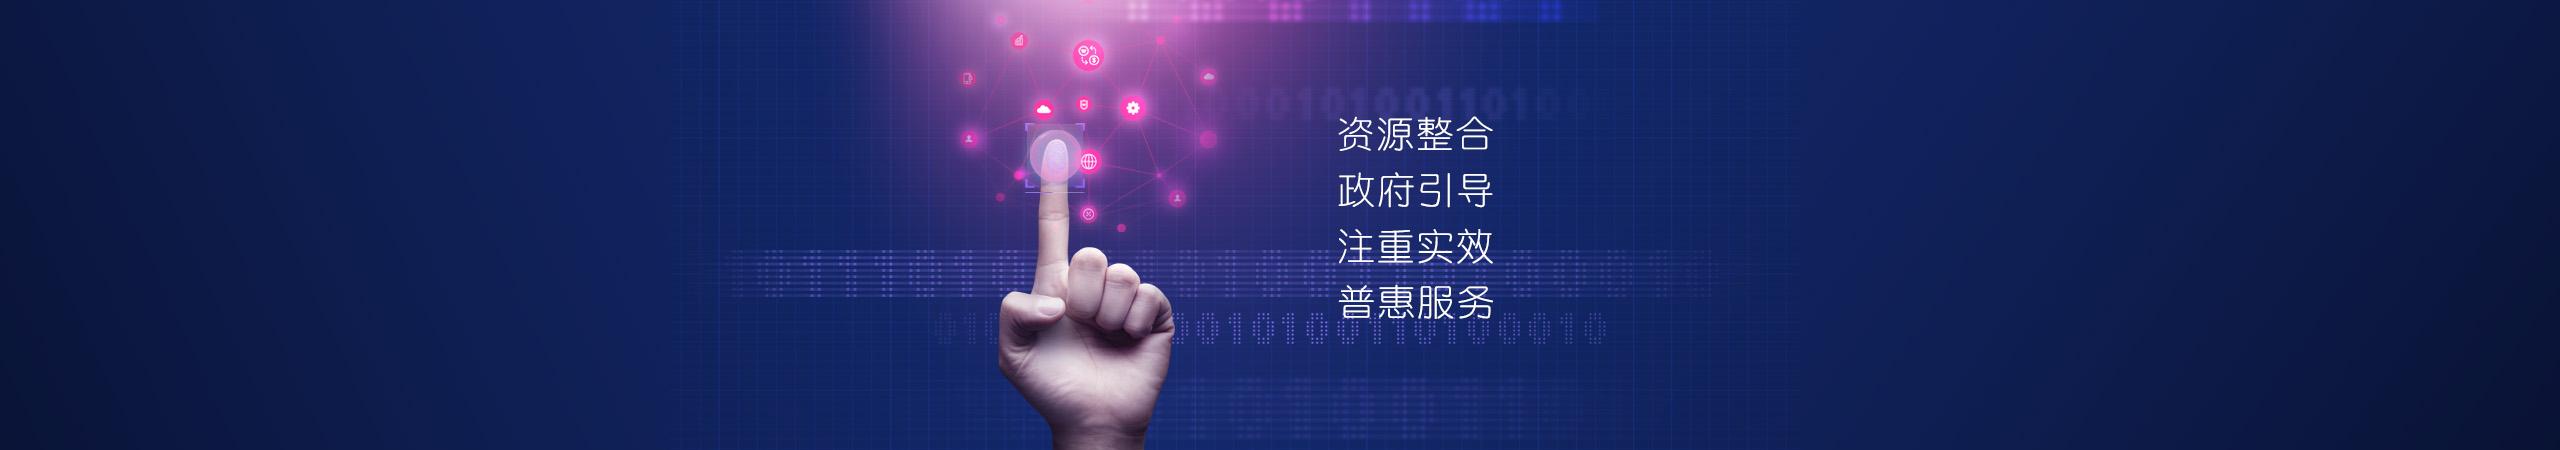 泰山区中小企业公共亚搏彩票手机版平台